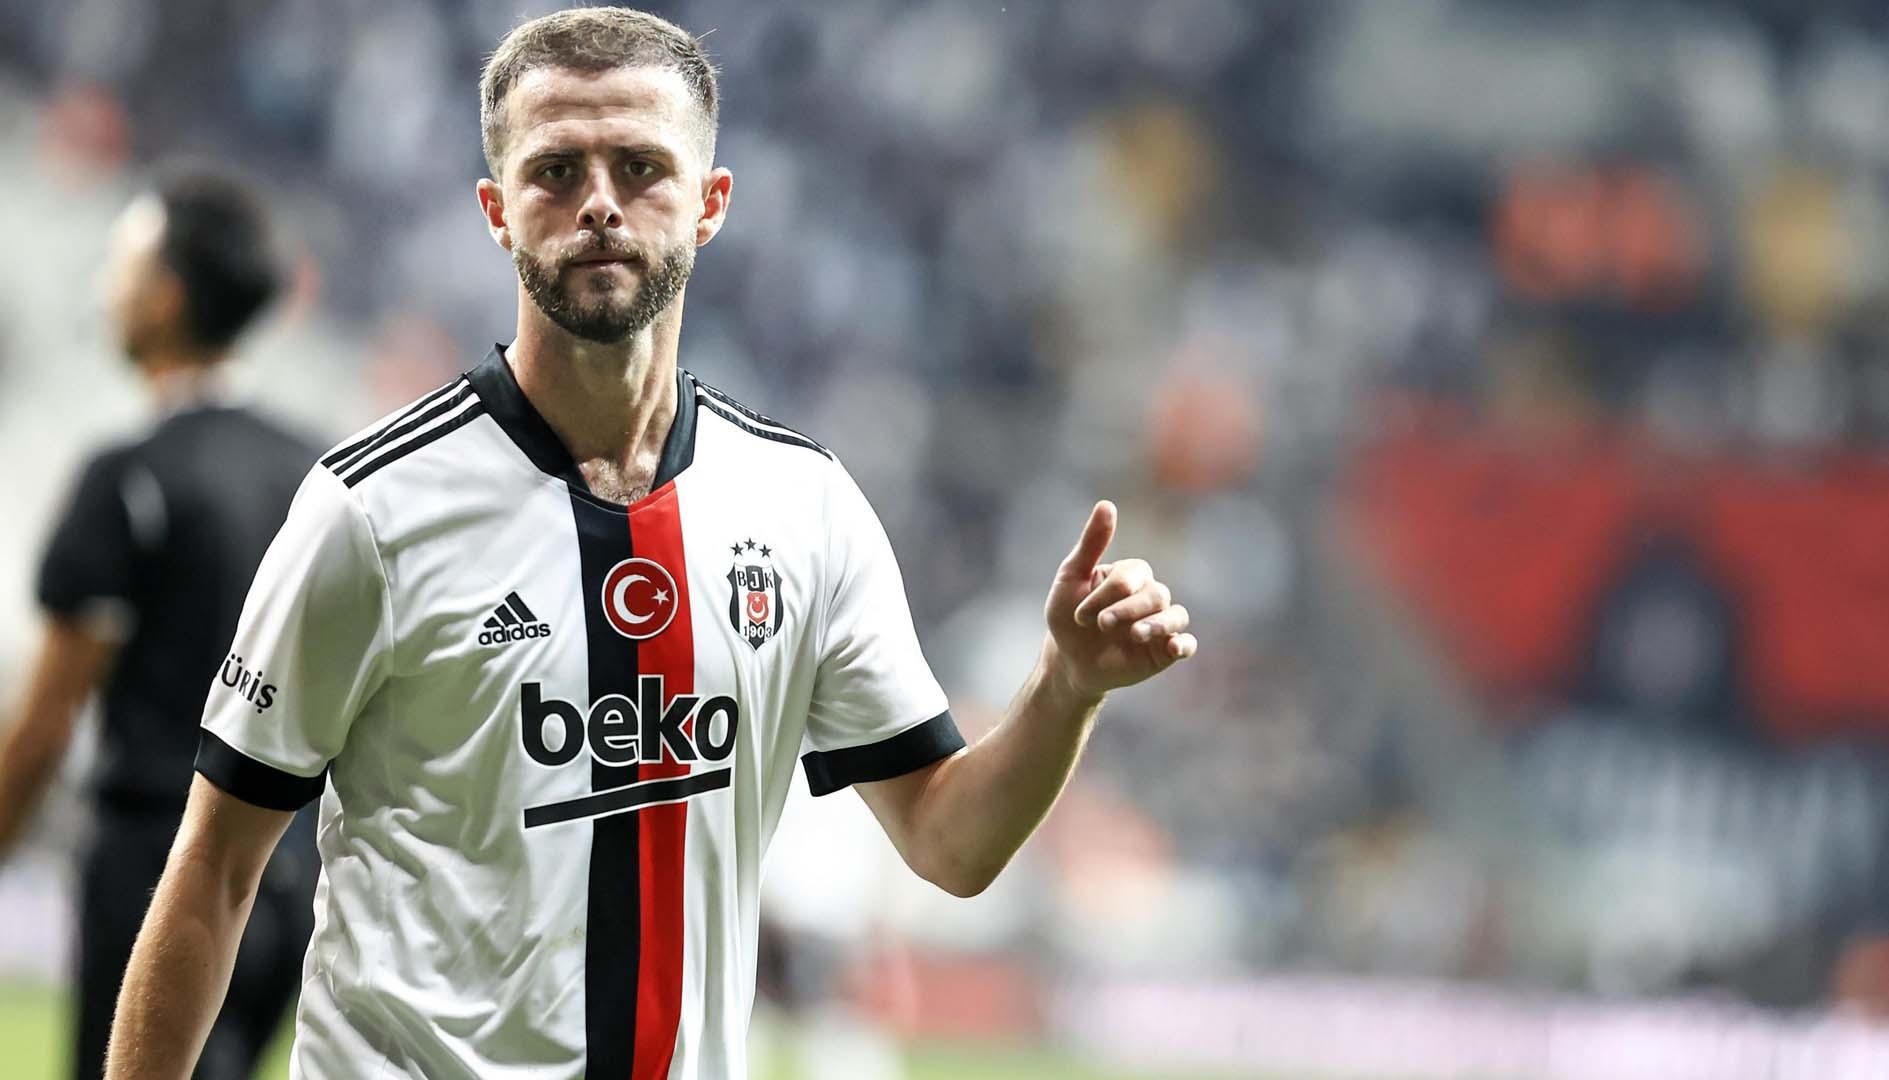 Miralem Pjanic çıkınca orta saha yokları oynadı! Beşiktaş evinde 3 puandan oldu